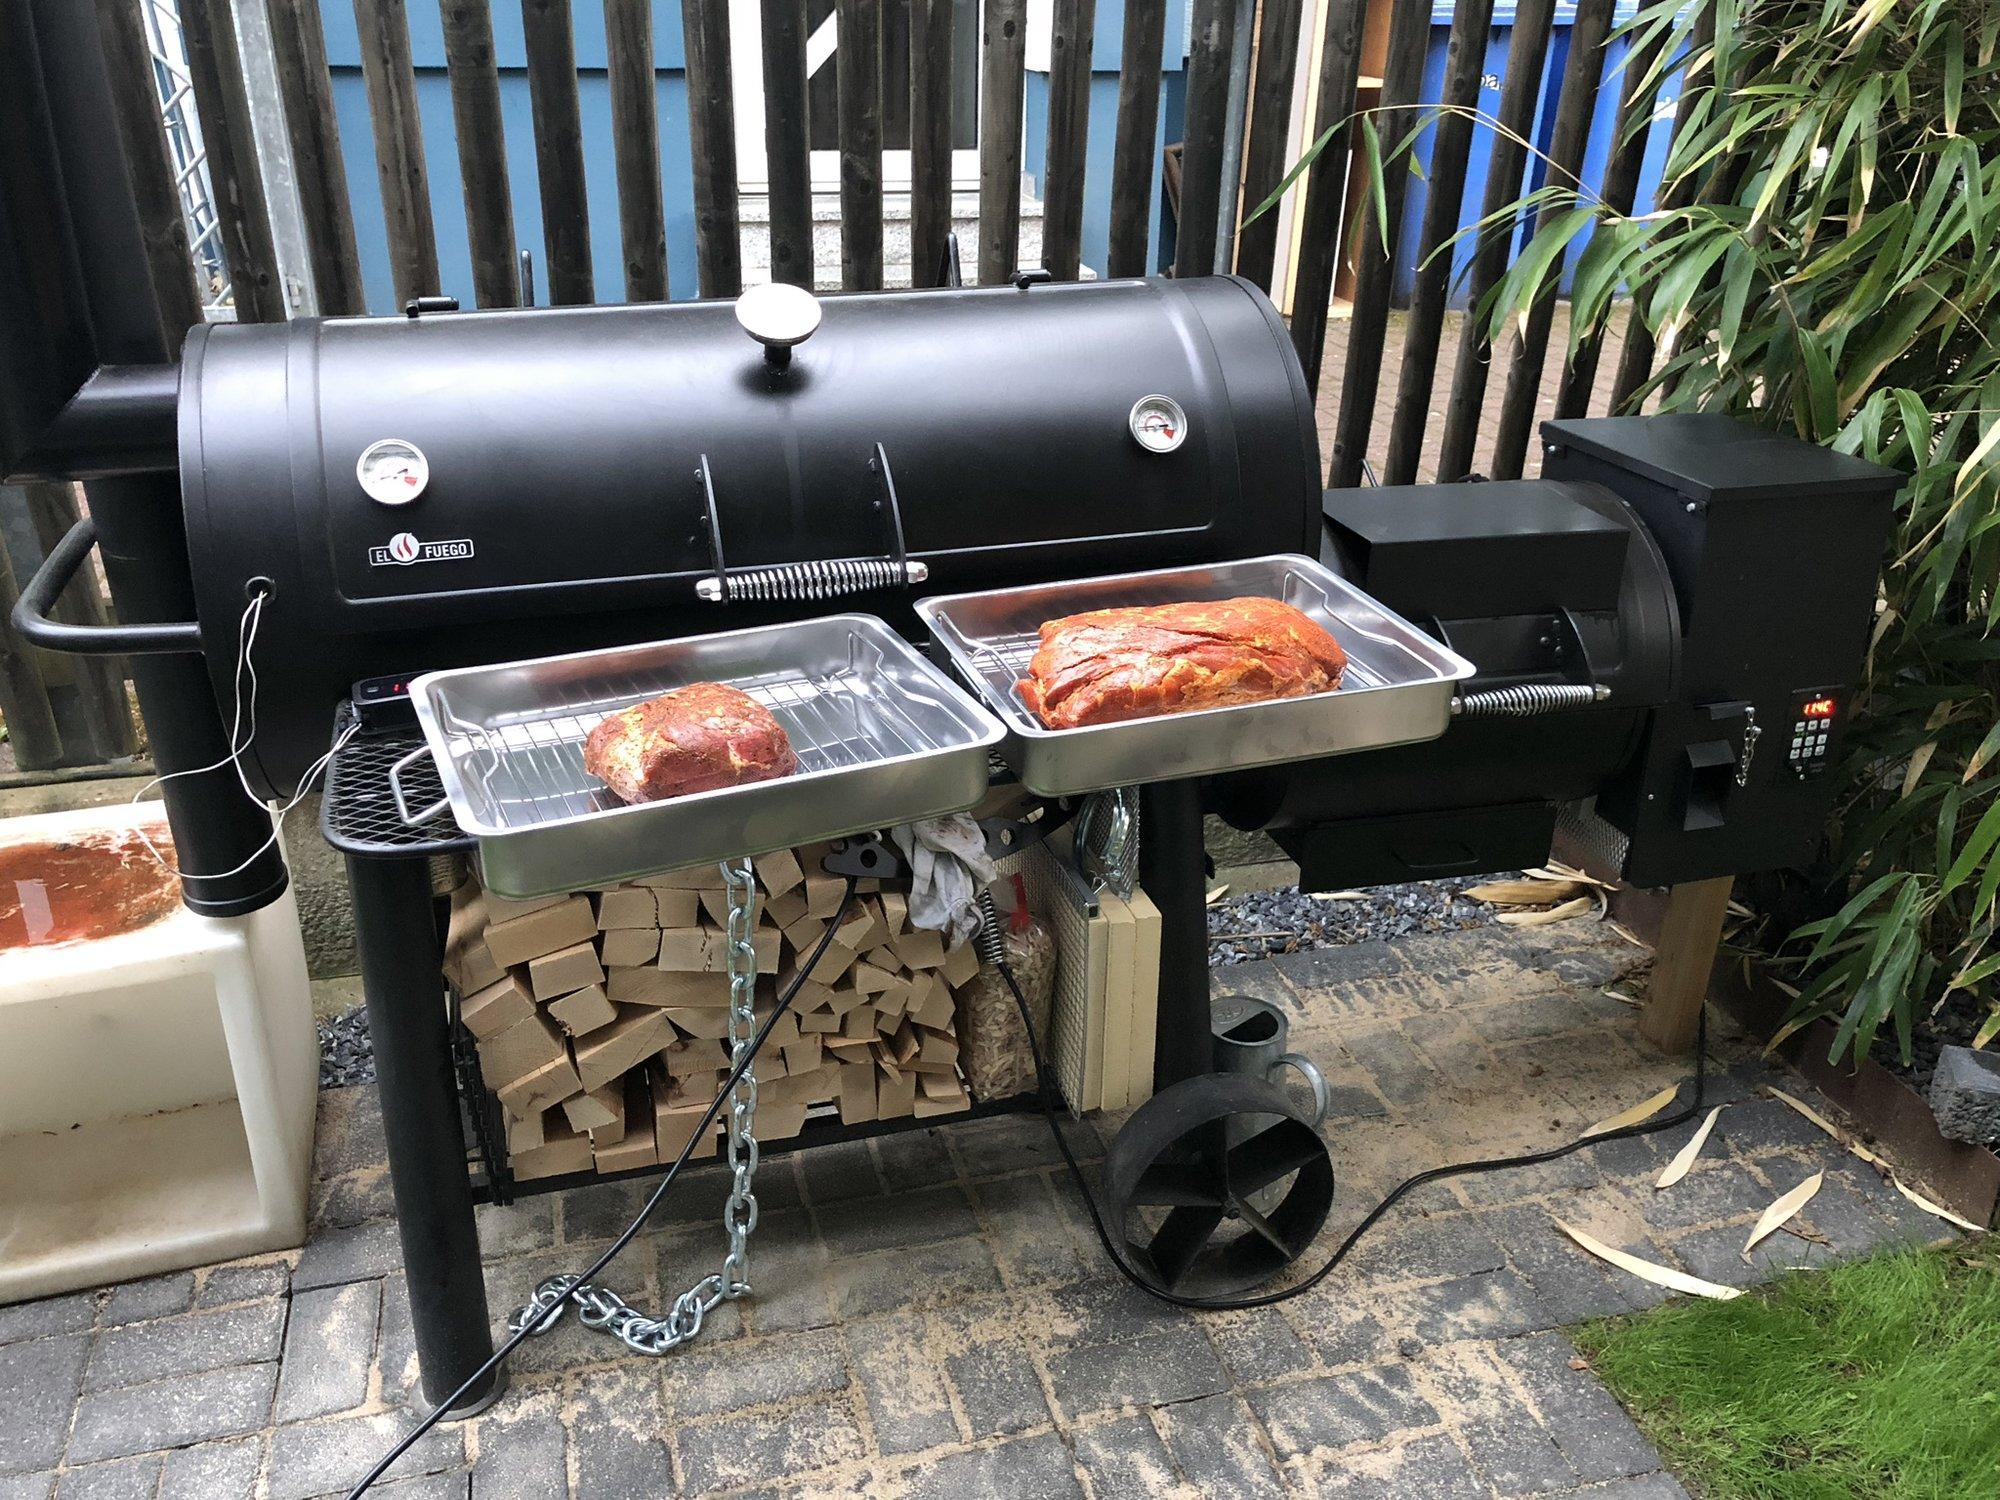 Pulled Pork Gasgrill Grillsportverein : Pulled pork vom smoker mit pellet hopper grillforum und bbq www